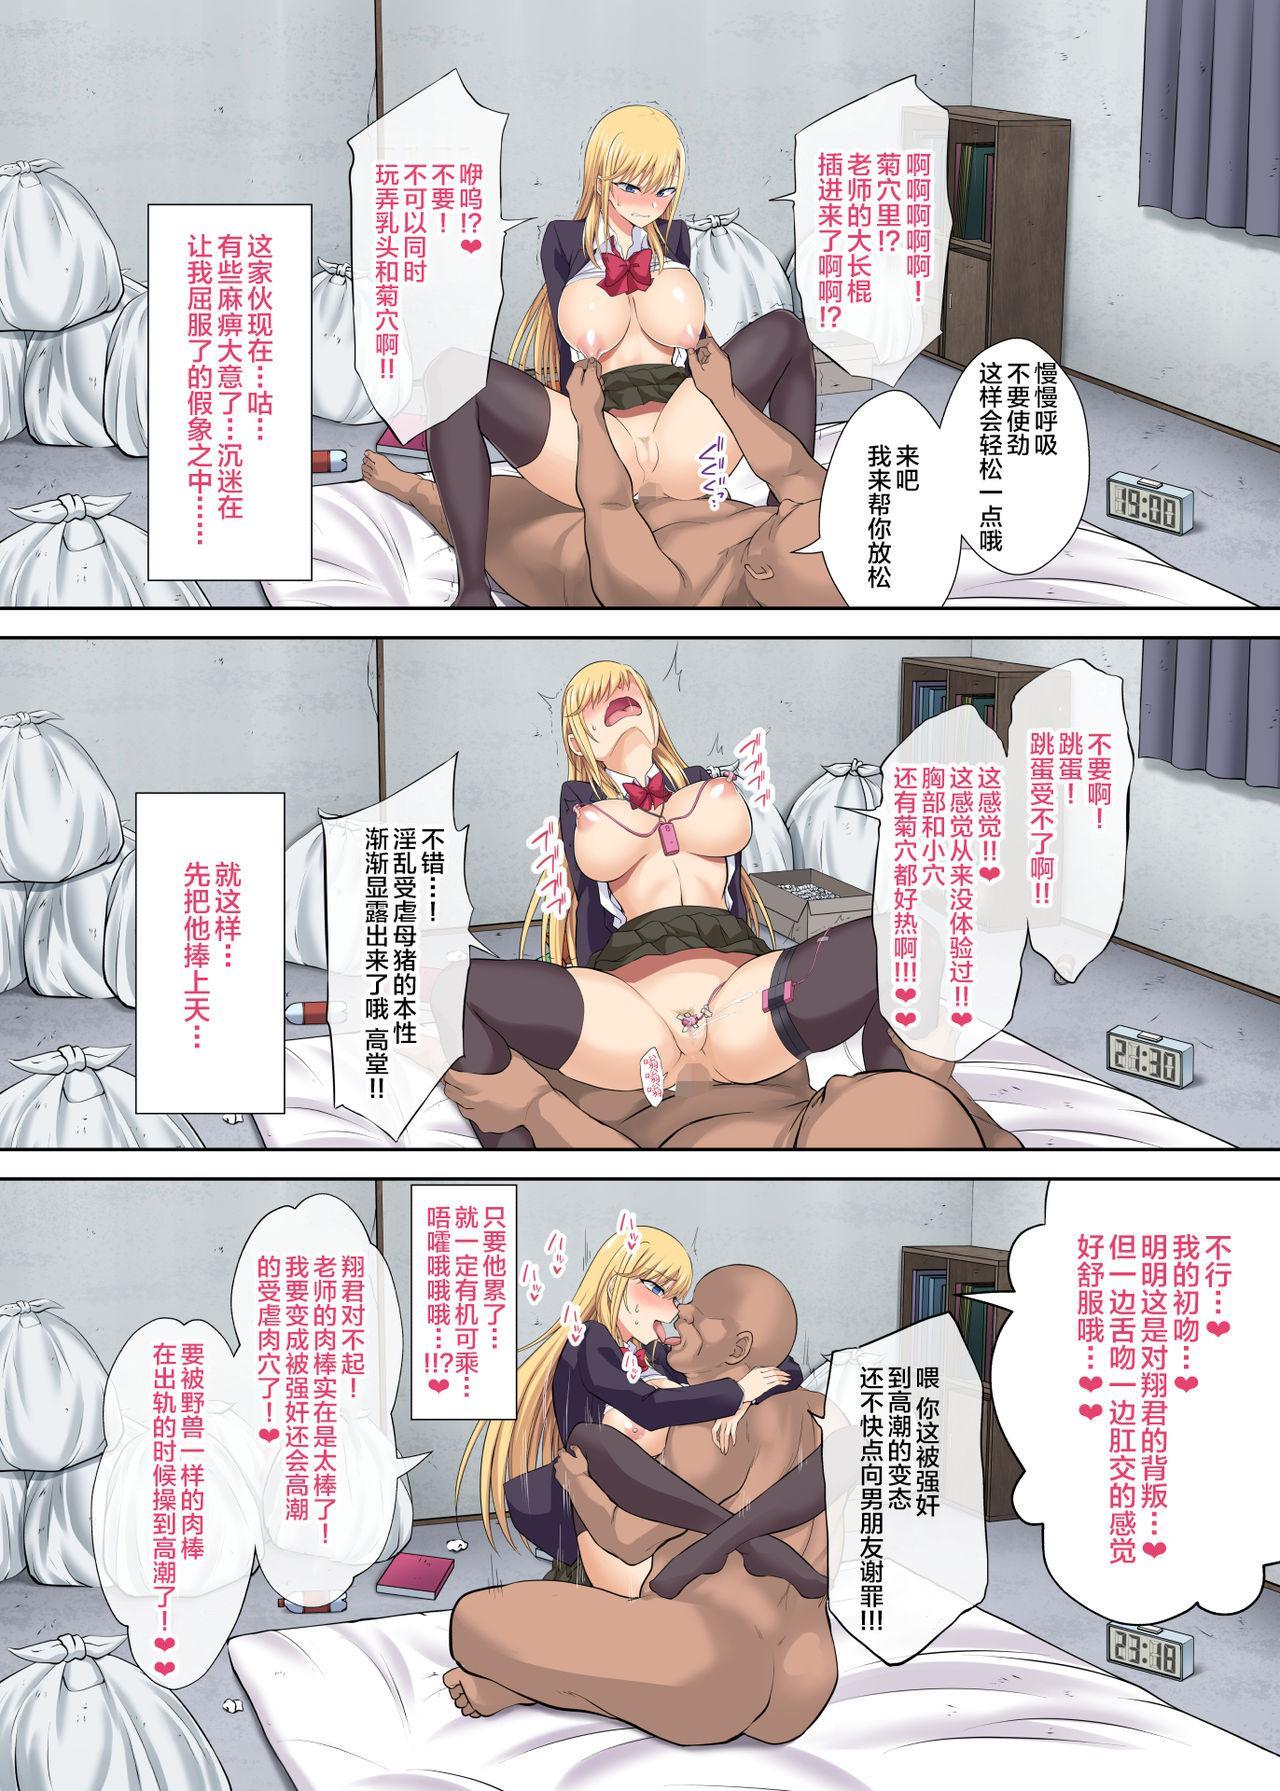 TenniCir no Joou ga Bihin no Chinpo Cleaner ni Otosareru Hanashi 13